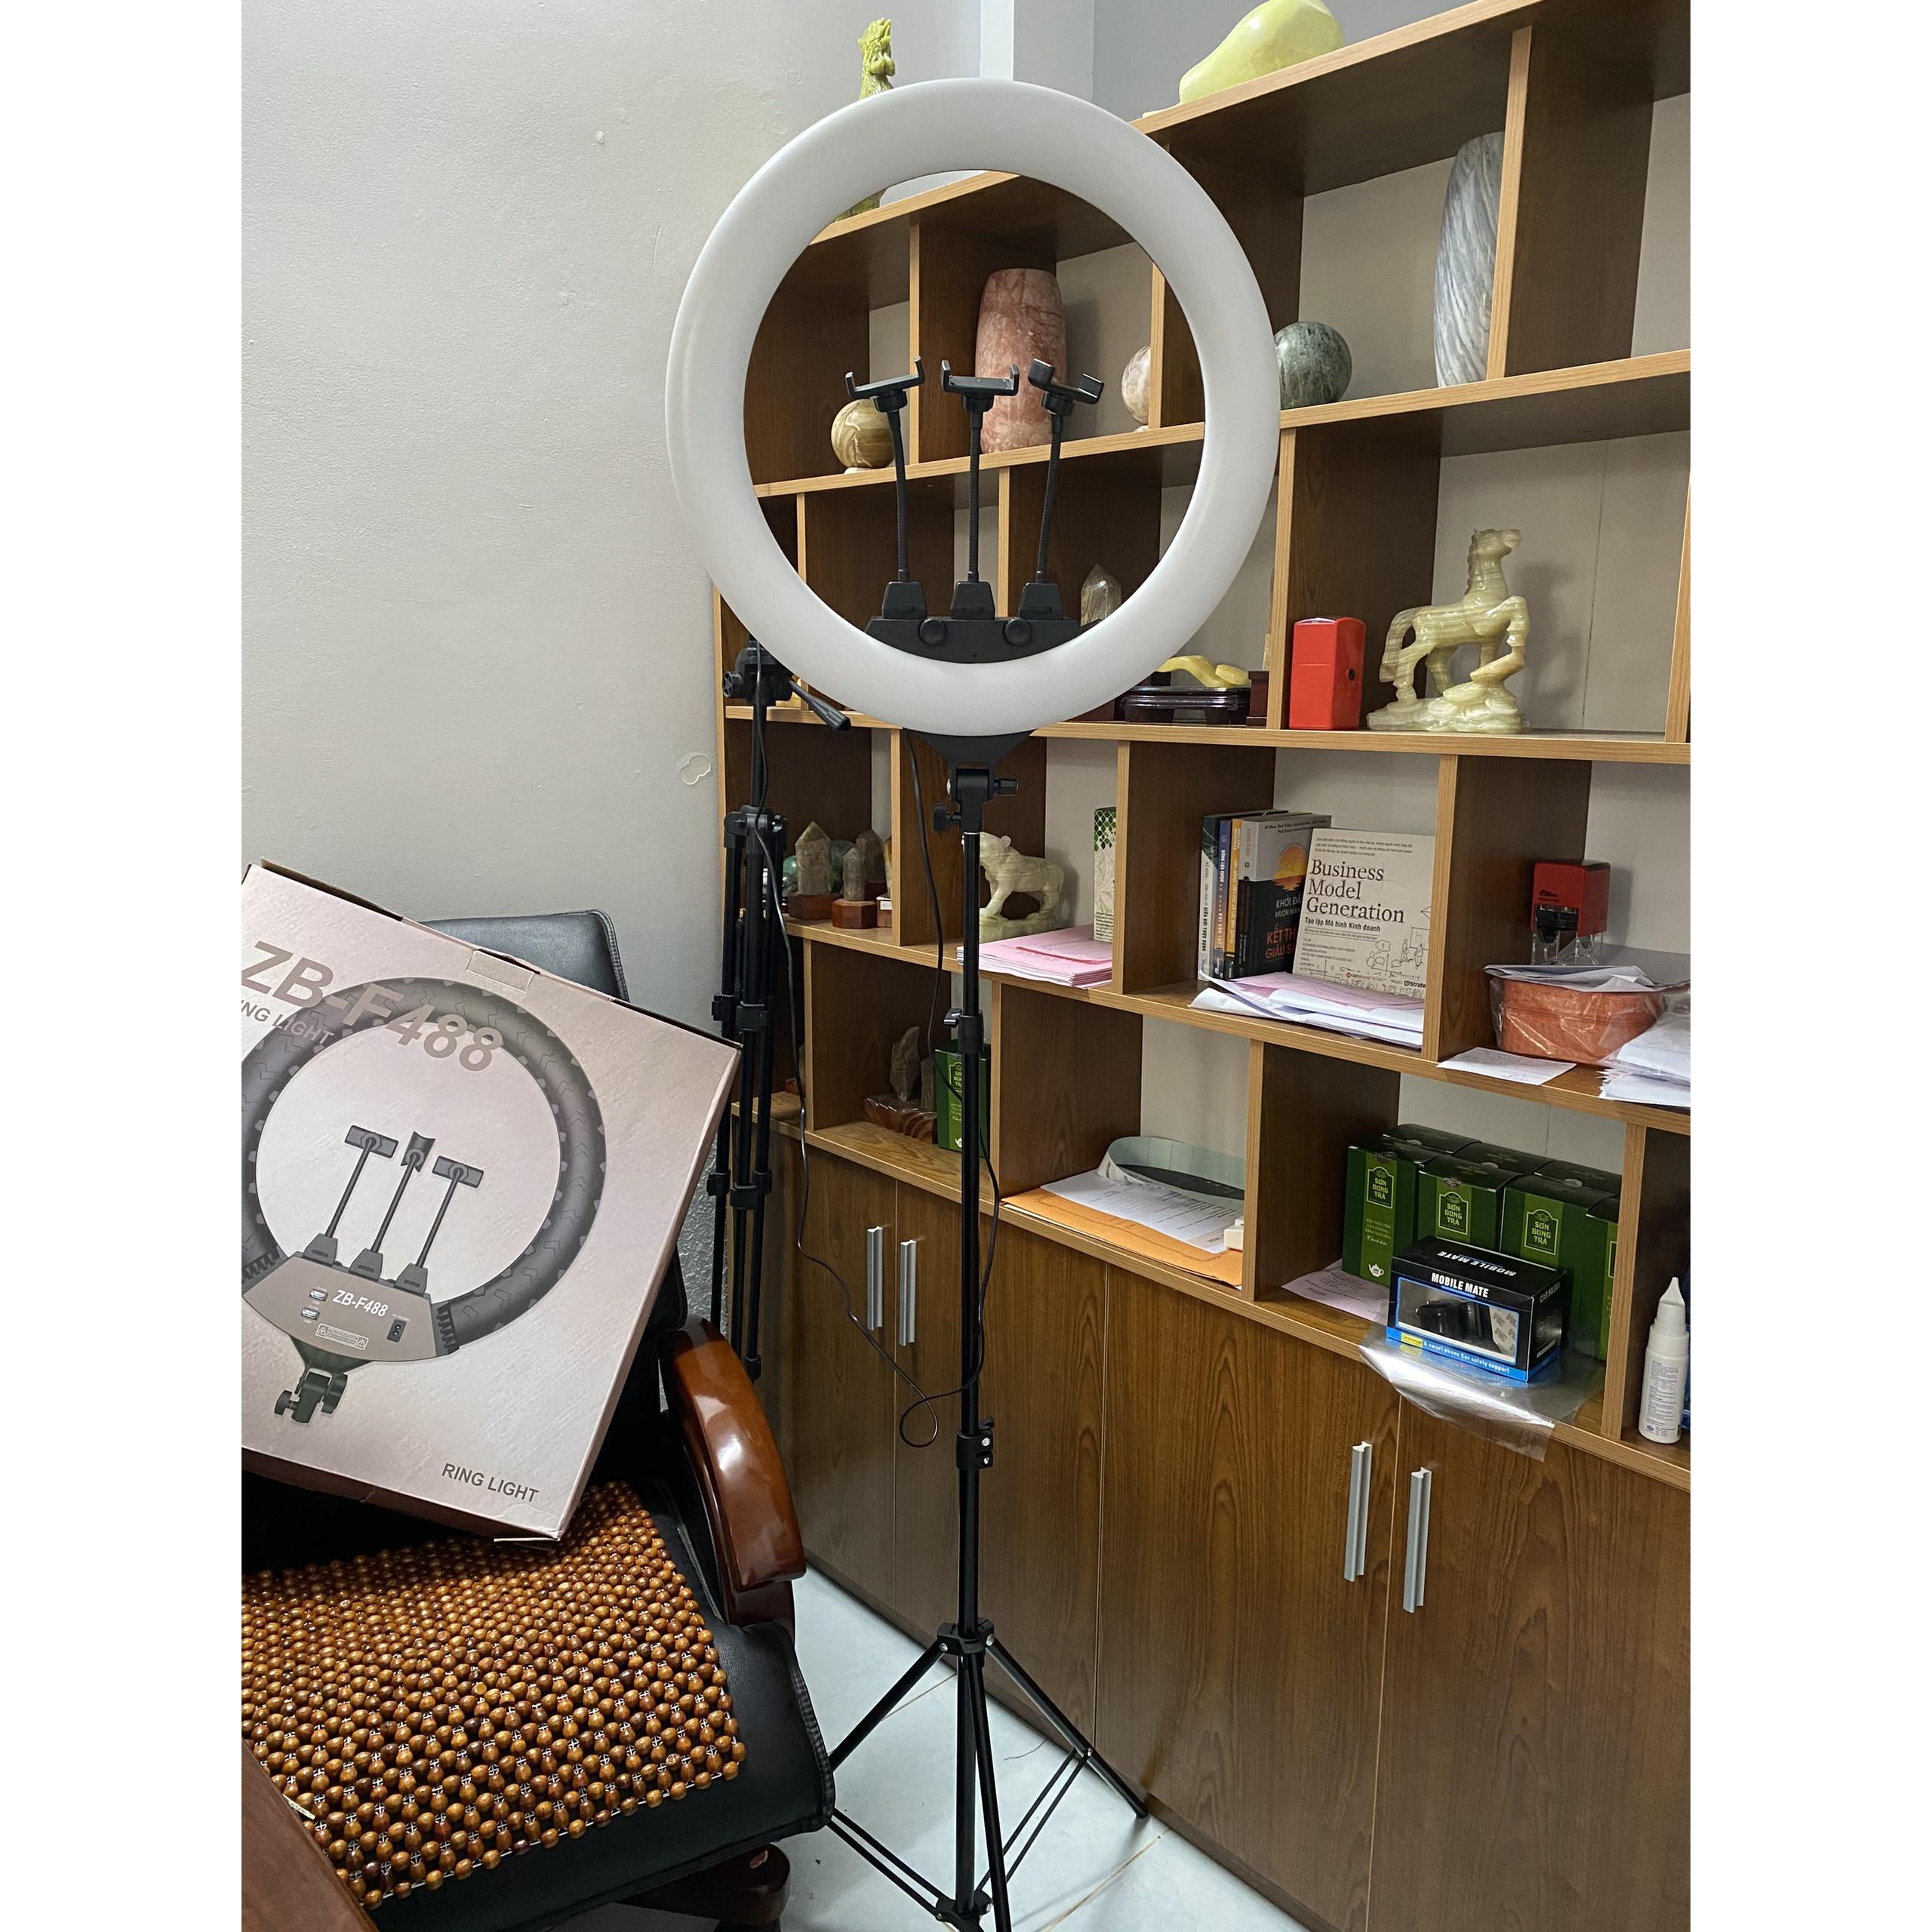 Đèn Led Ring 54cm Trợ Sáng, Hỗ Trợ Livetream, Quay Video, Tiktok, Make up, Studio, Tatoo, 3 Kẹp Điện Thoại,3 Chế Độ Sáng, Kèm Remot Và Túi Đựng